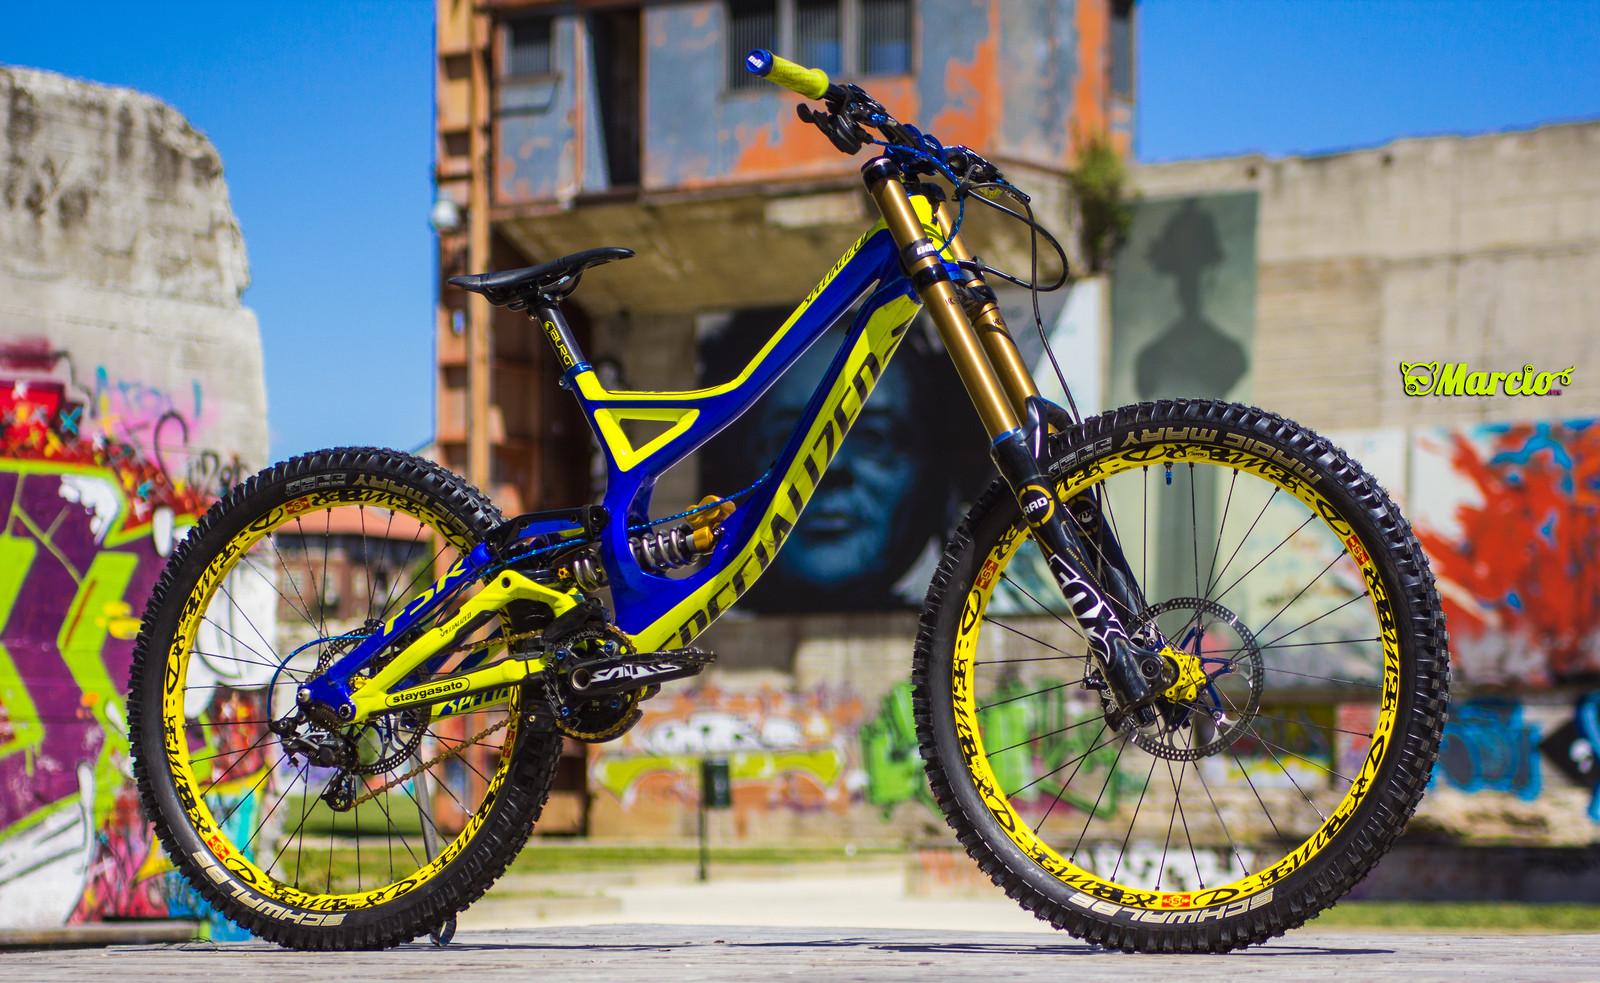 Specialized Demo 8 2k14 Indigo Fluoryellow Marci0 S Bike